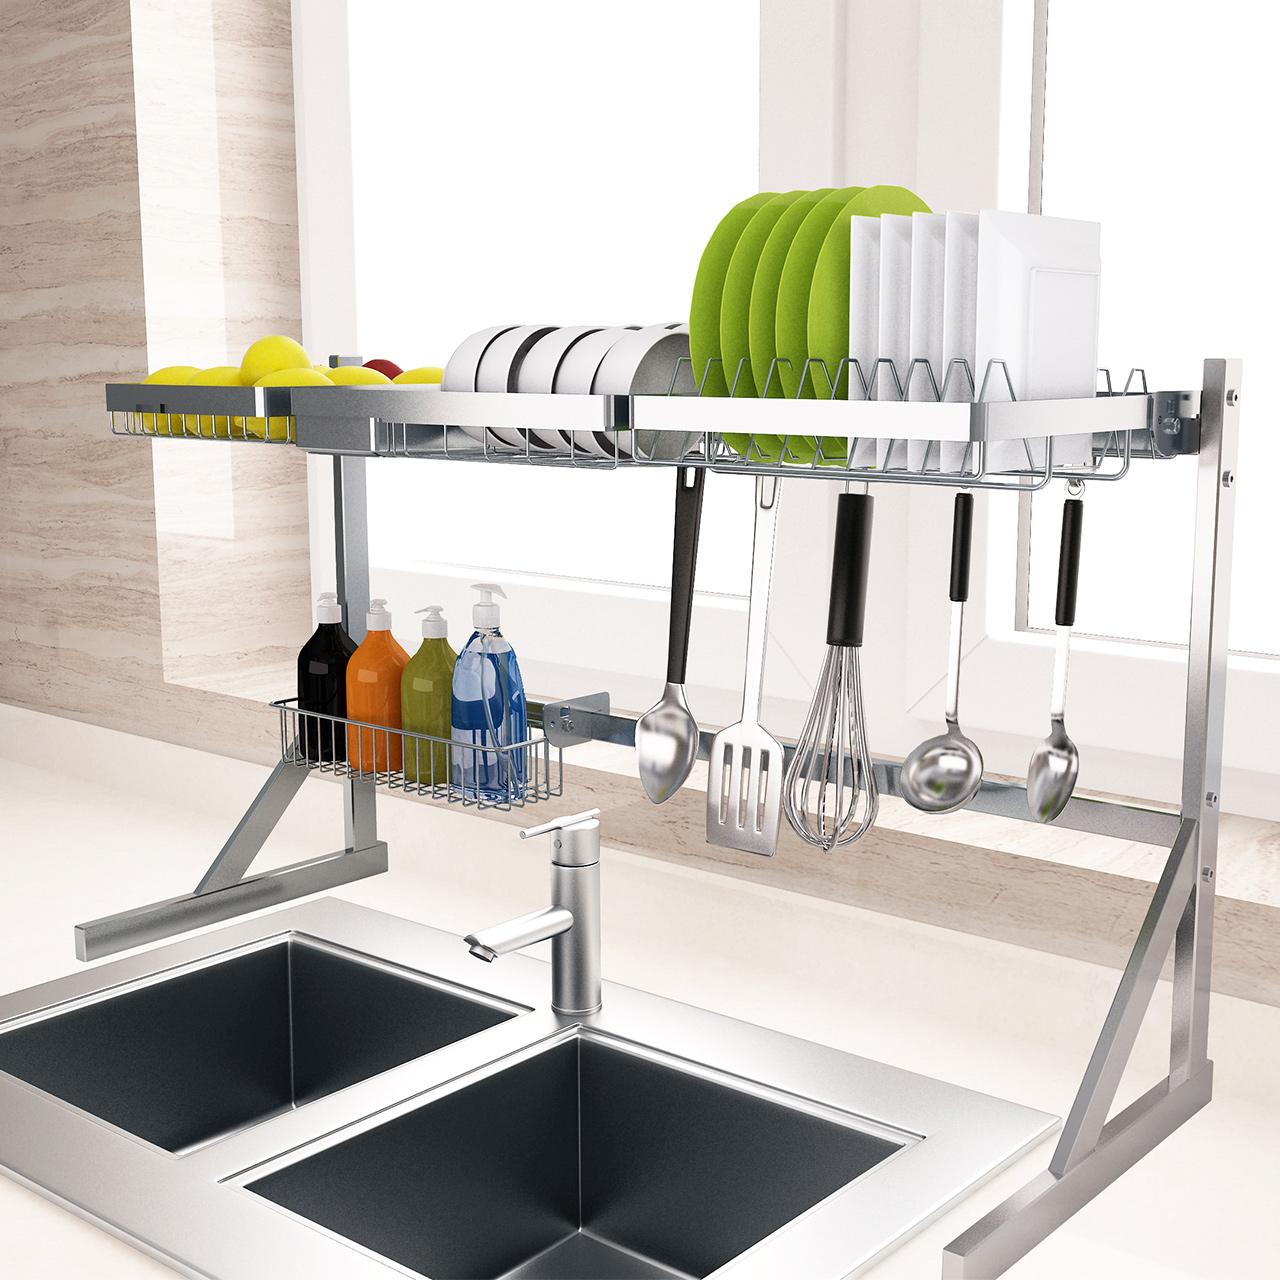 304不锈钢厨房置物架水池水槽架沥水架晾碗架碟收纳架家用多功能,可领取20元天猫优惠券